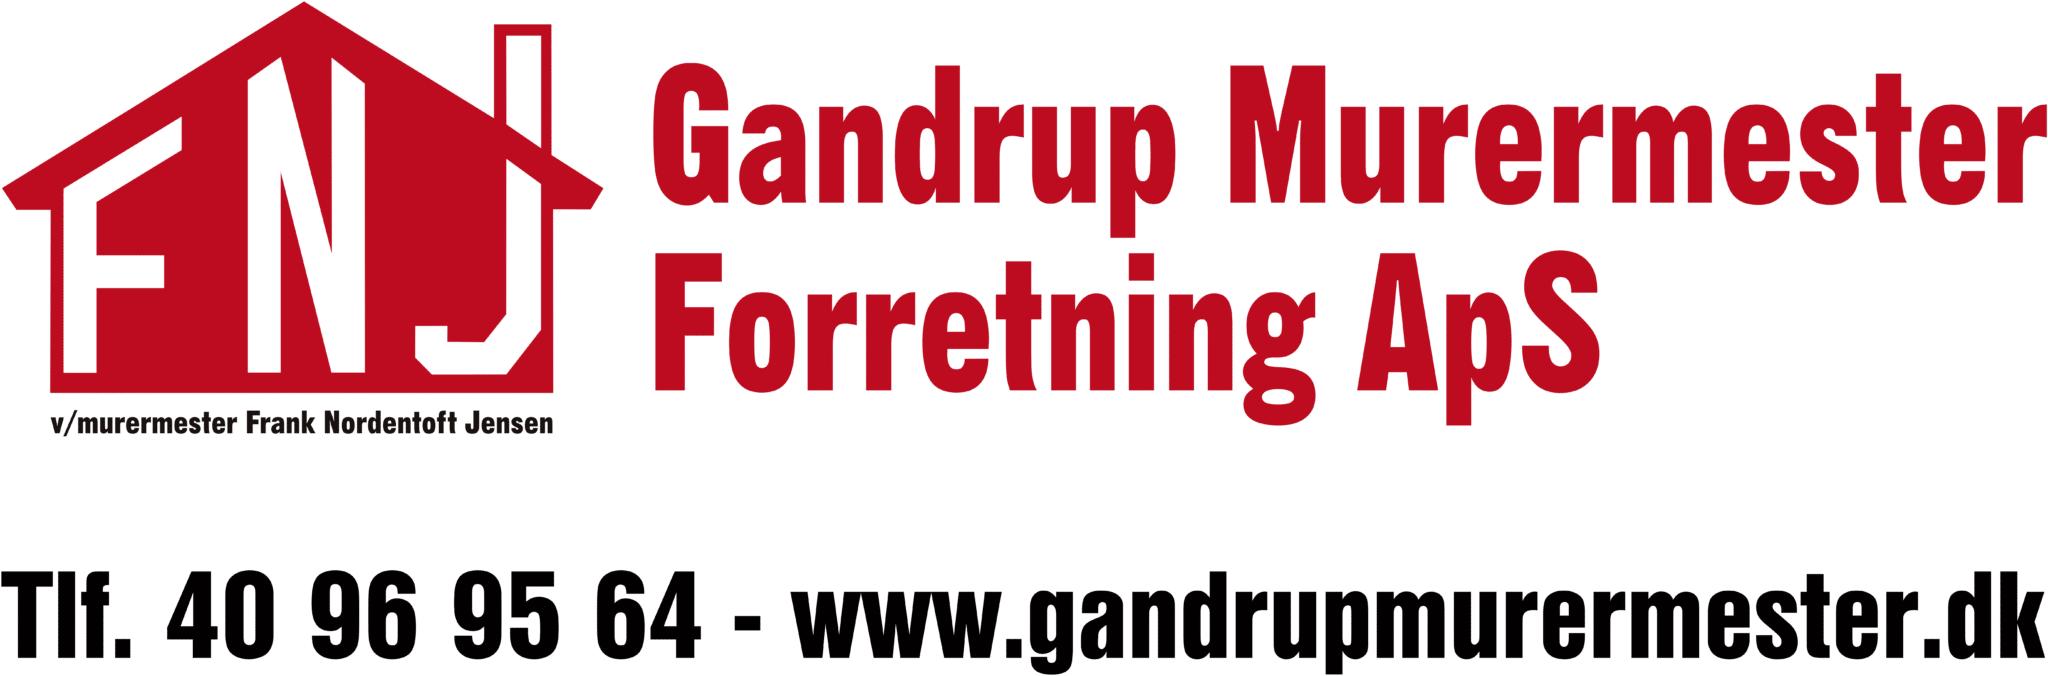 Gandrup Murermester Forretning ApS